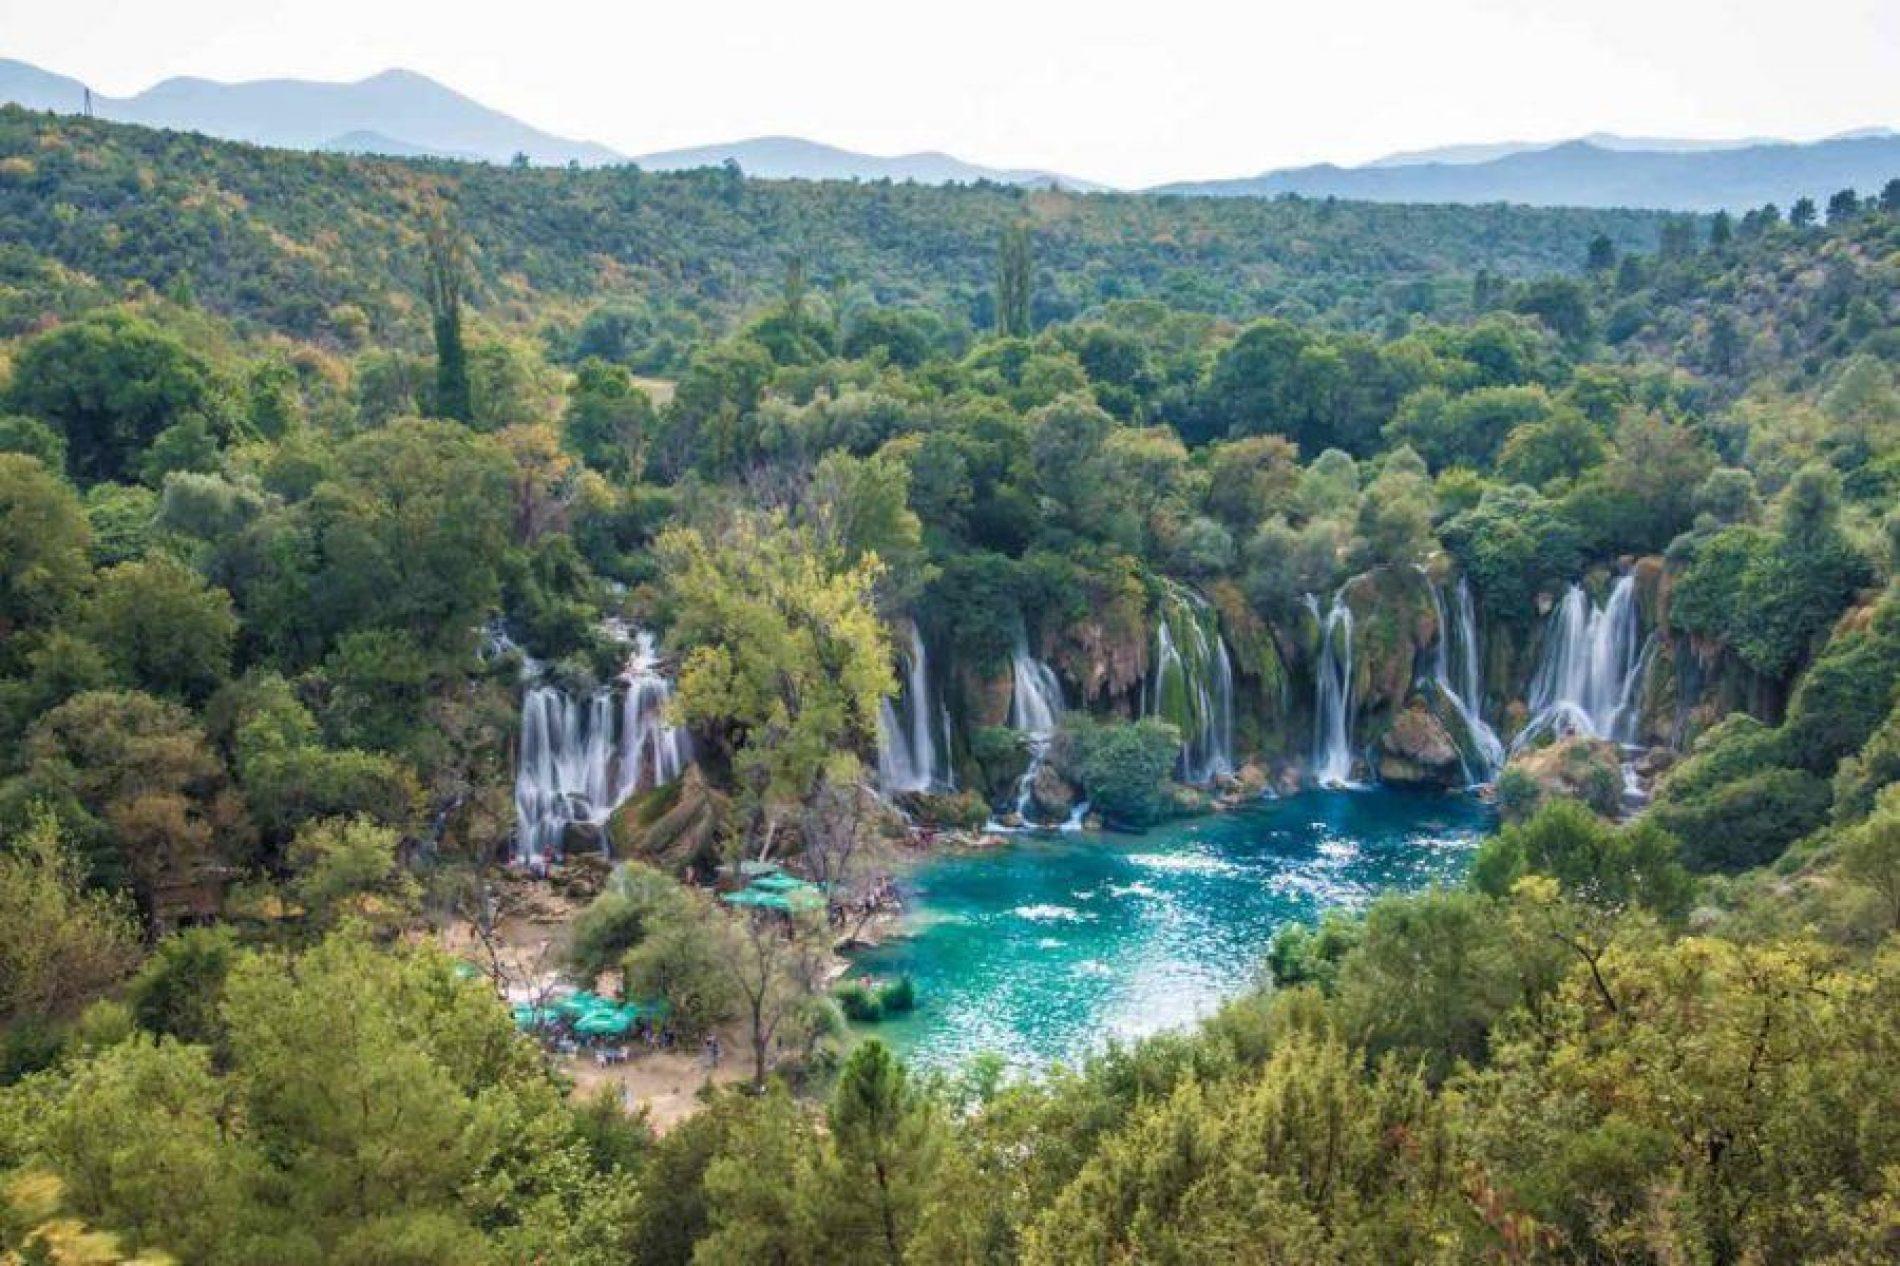 Vodopad koji iz godine u godinu plijeni sve veću pažnju: Kravice ove sezone posjetilo 150.000 turista